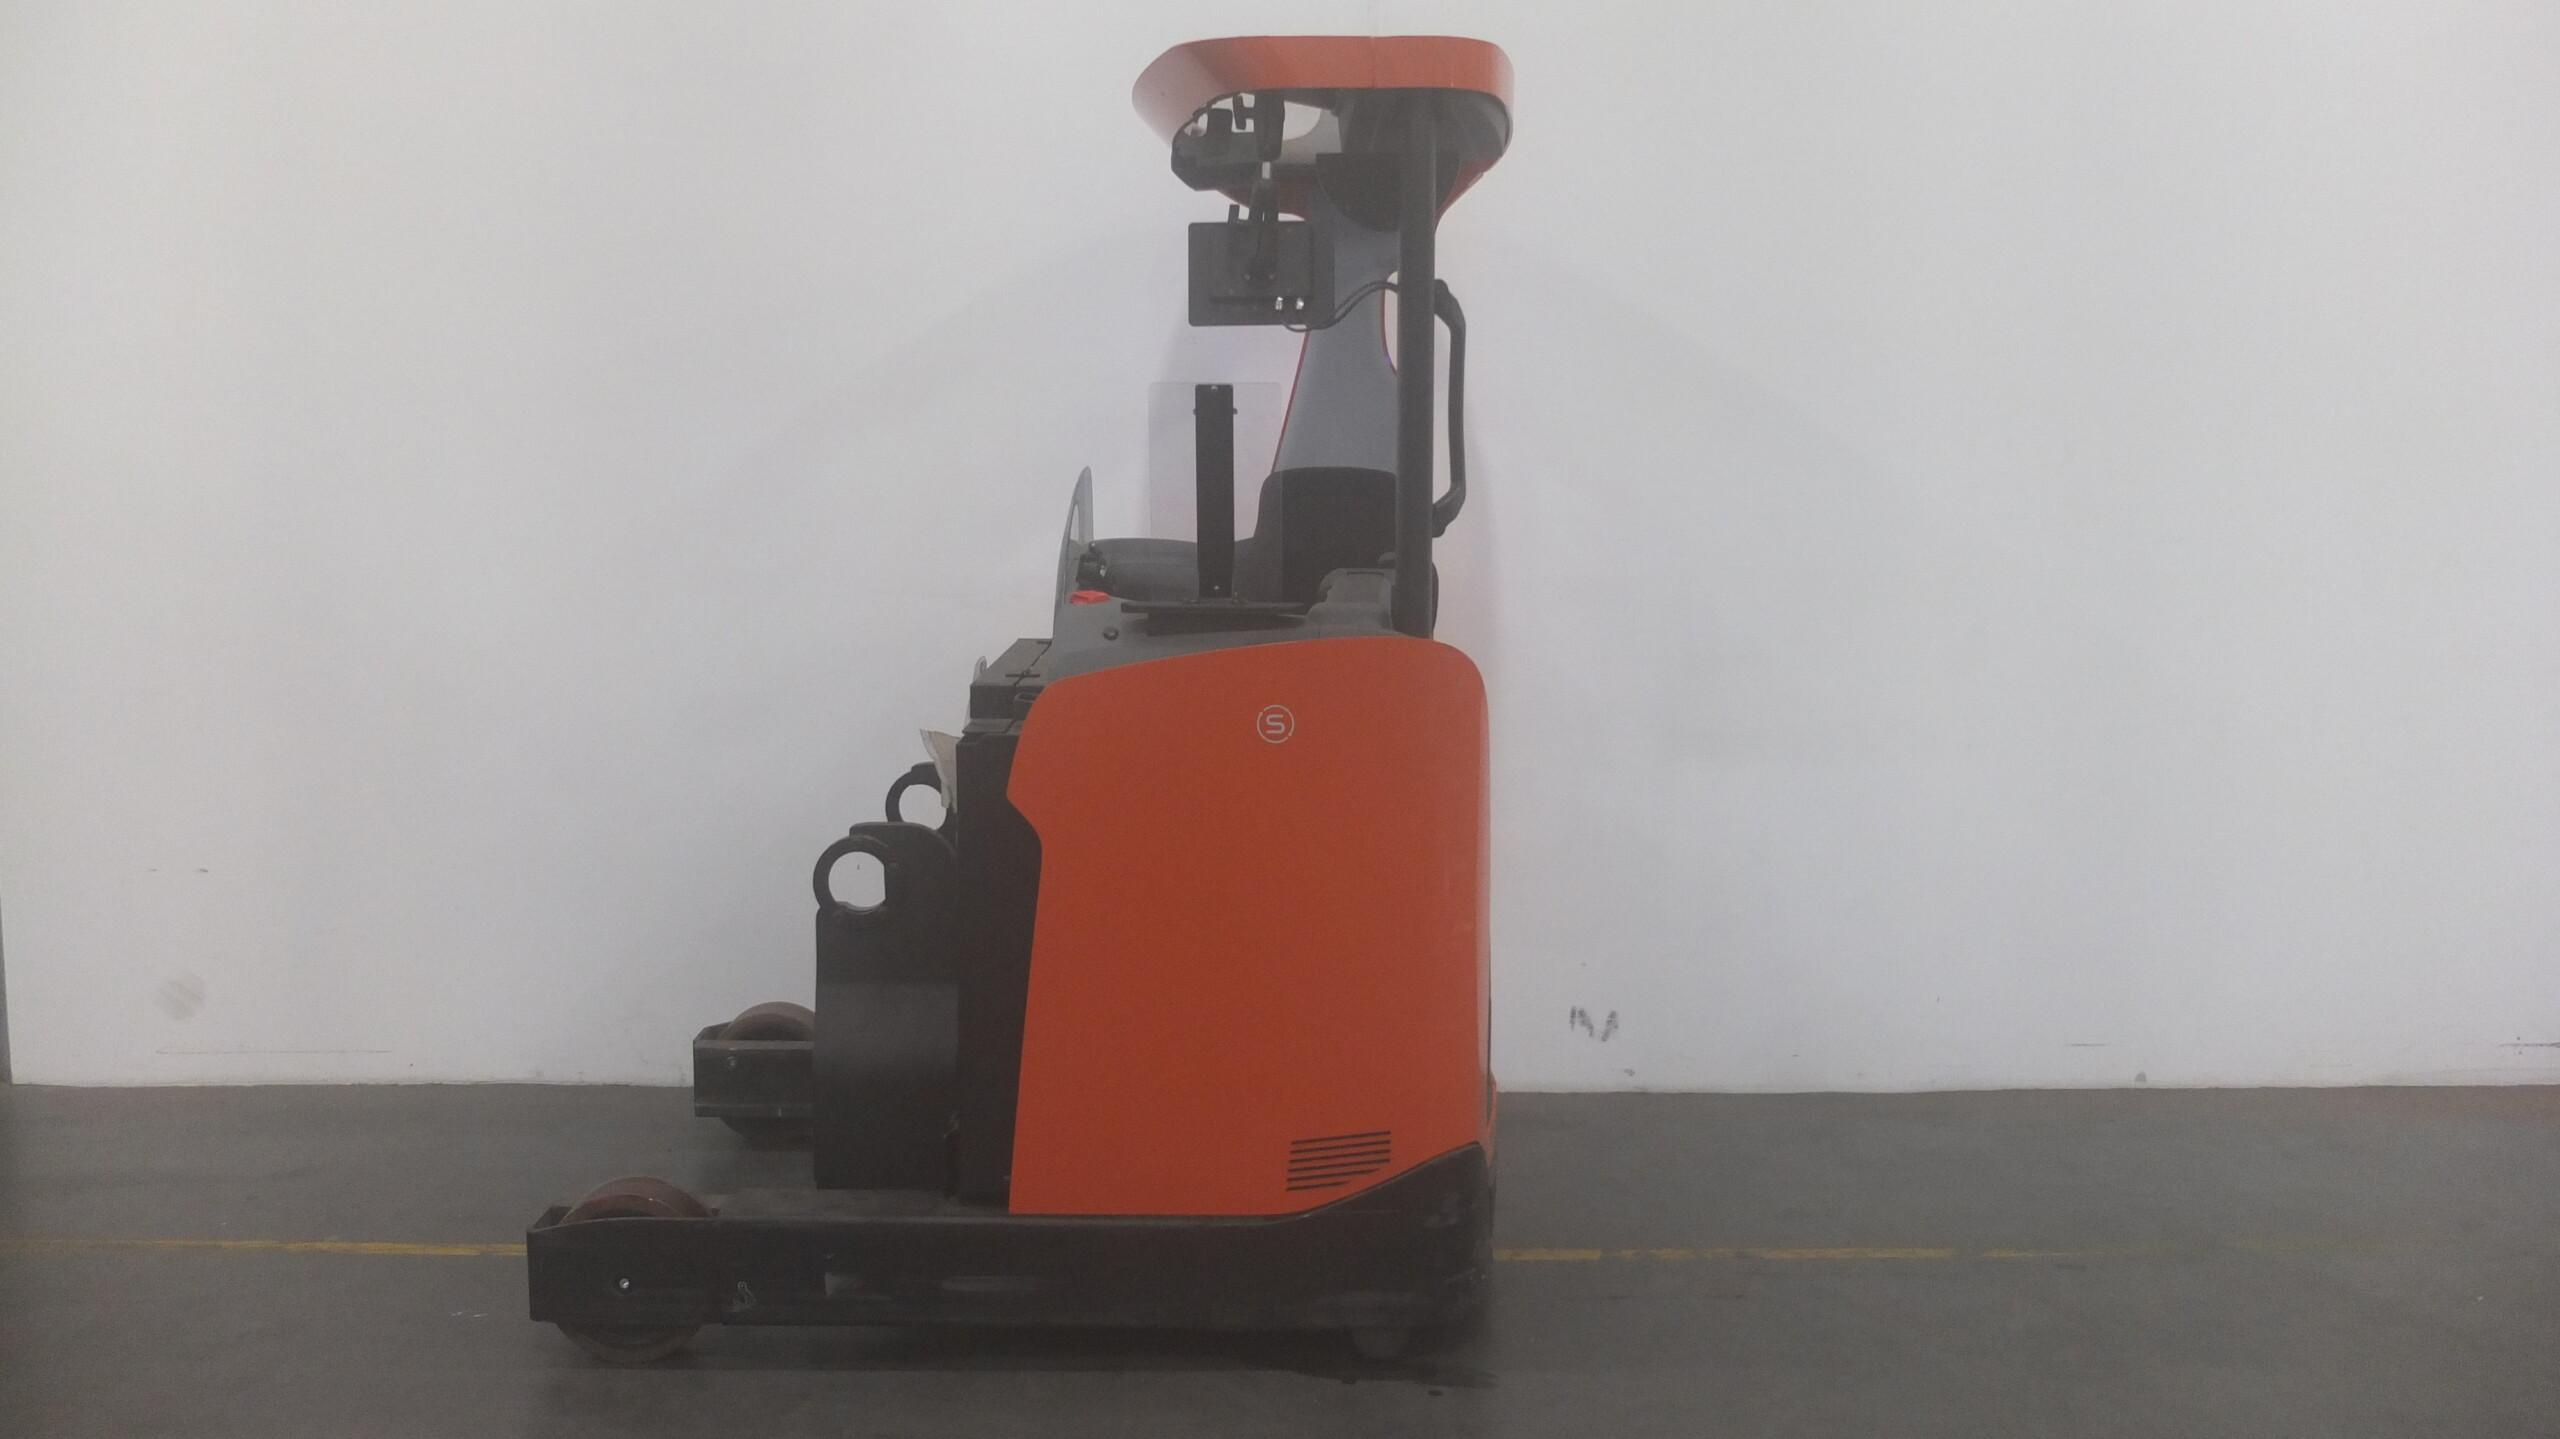 Toyota-Gabelstapler-59840 1910007663 1 32 scaled